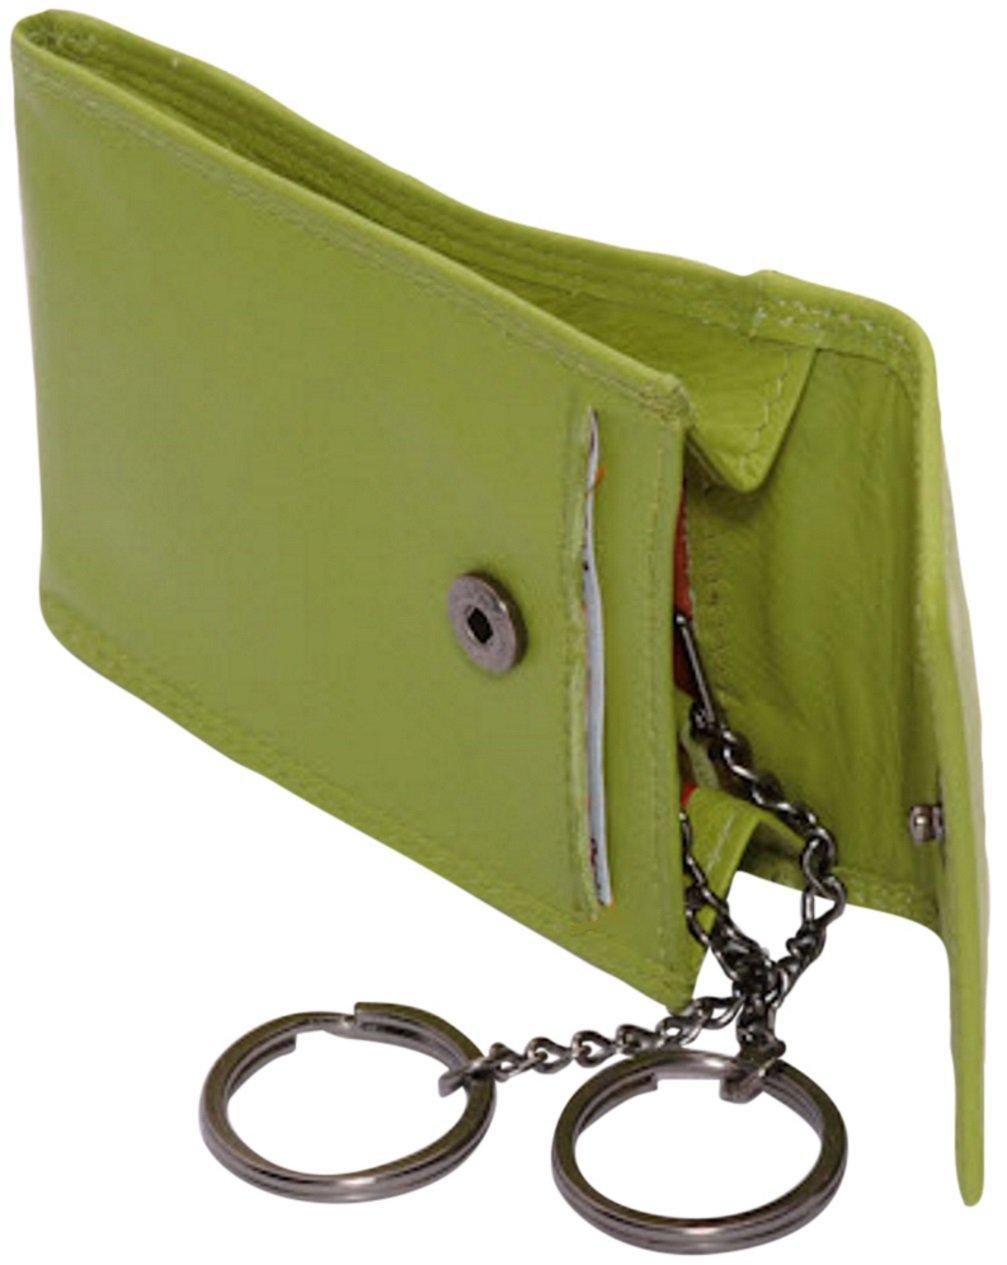 Josybag Étui porte-clés en en cuir modèle Schlüssel -noir-clés avec 2 porte- clés - 1 ... 15b7668d890